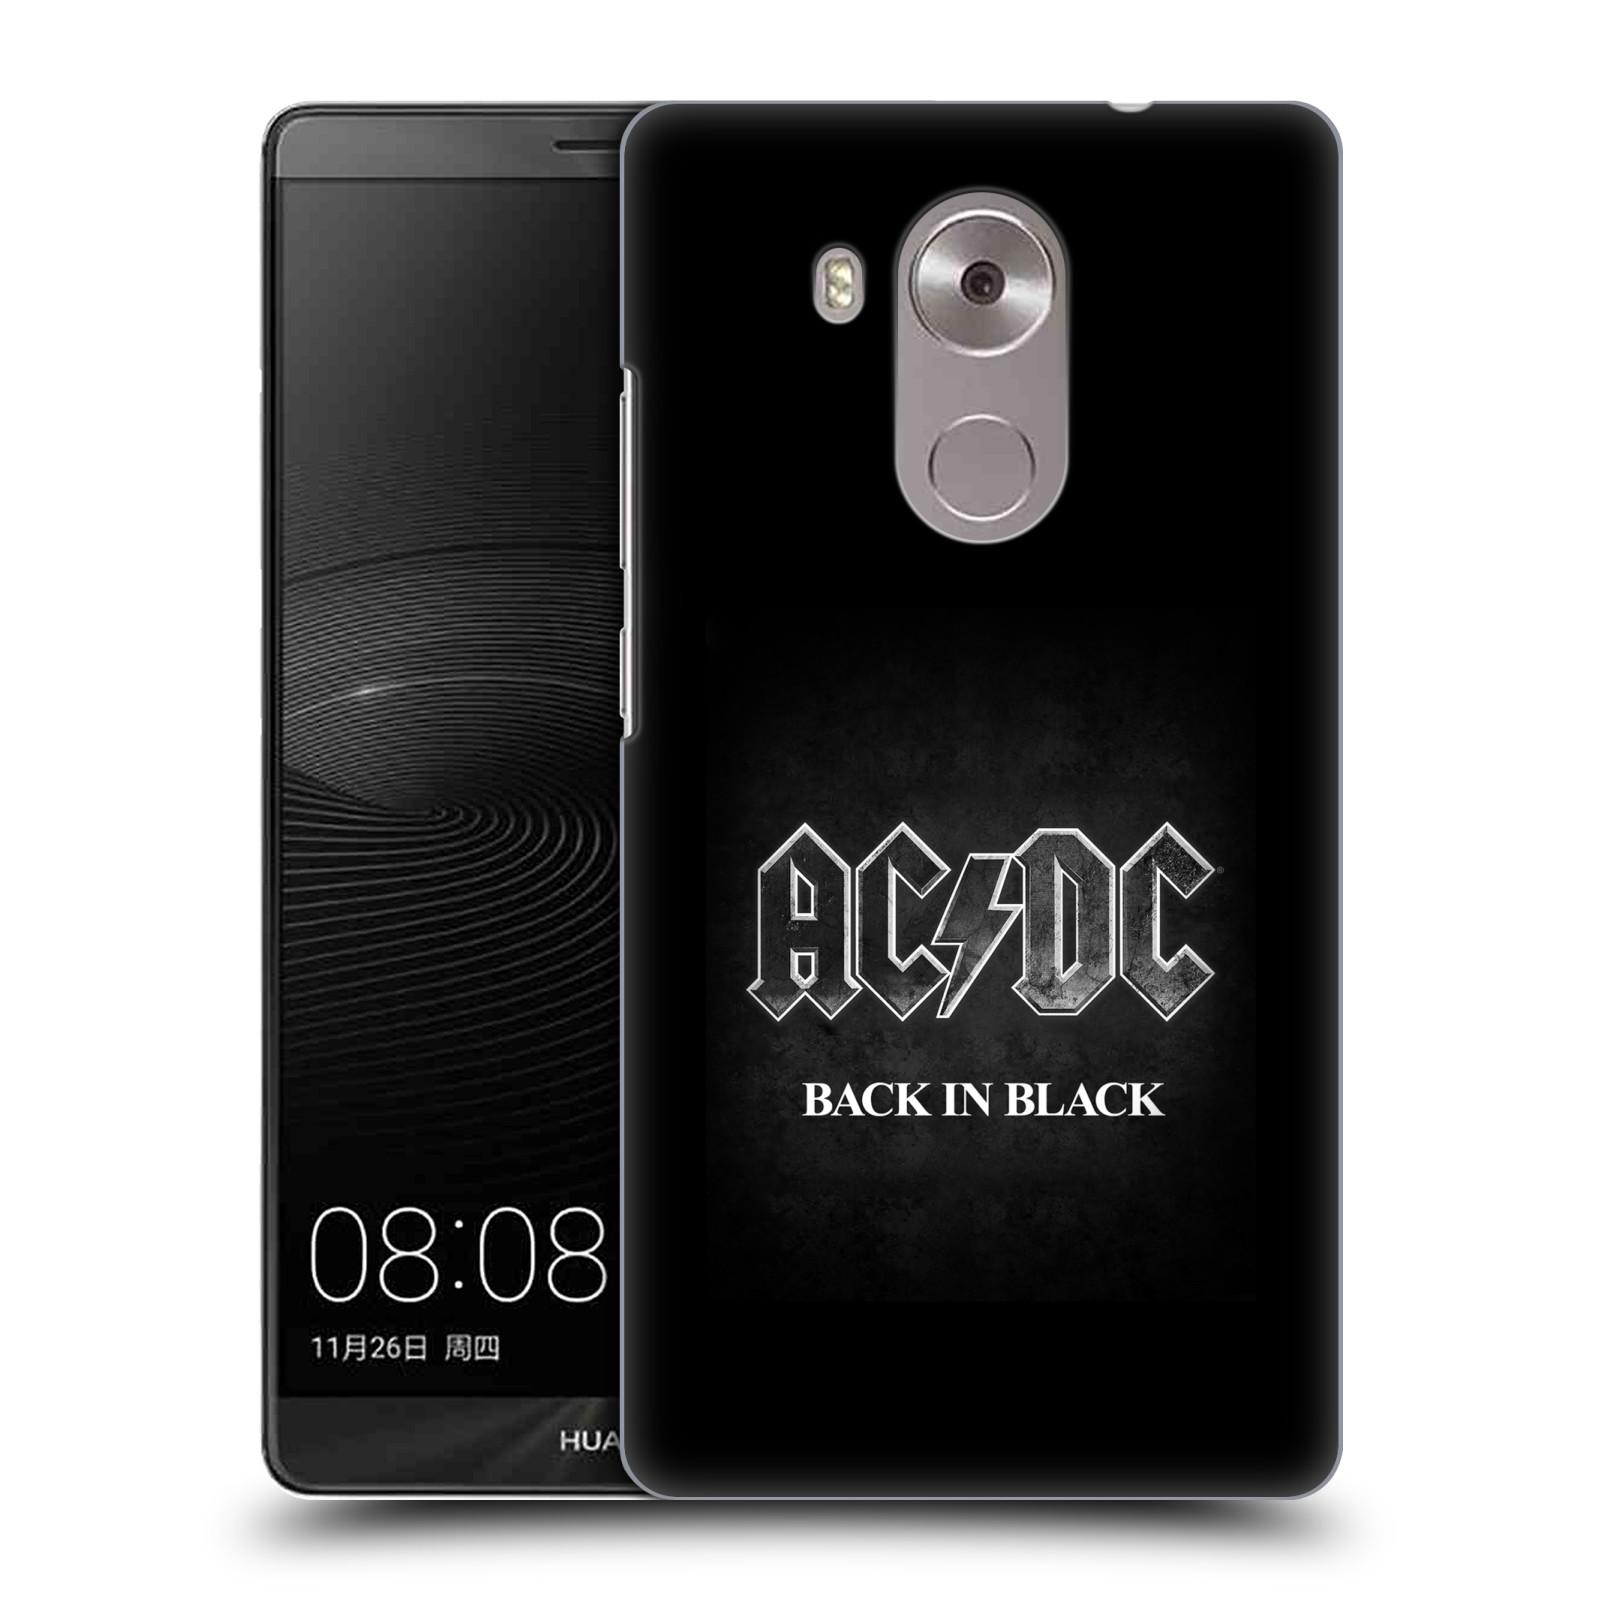 Plastové pouzdro na mobil Huawei Mate 8 HEAD CASE AC/DC BACK IN BLACK (Plastový kryt či obal na mobilní telefon s oficiálním motivem australské skupiny AC/DC pro Huawei Ascend MATE8)